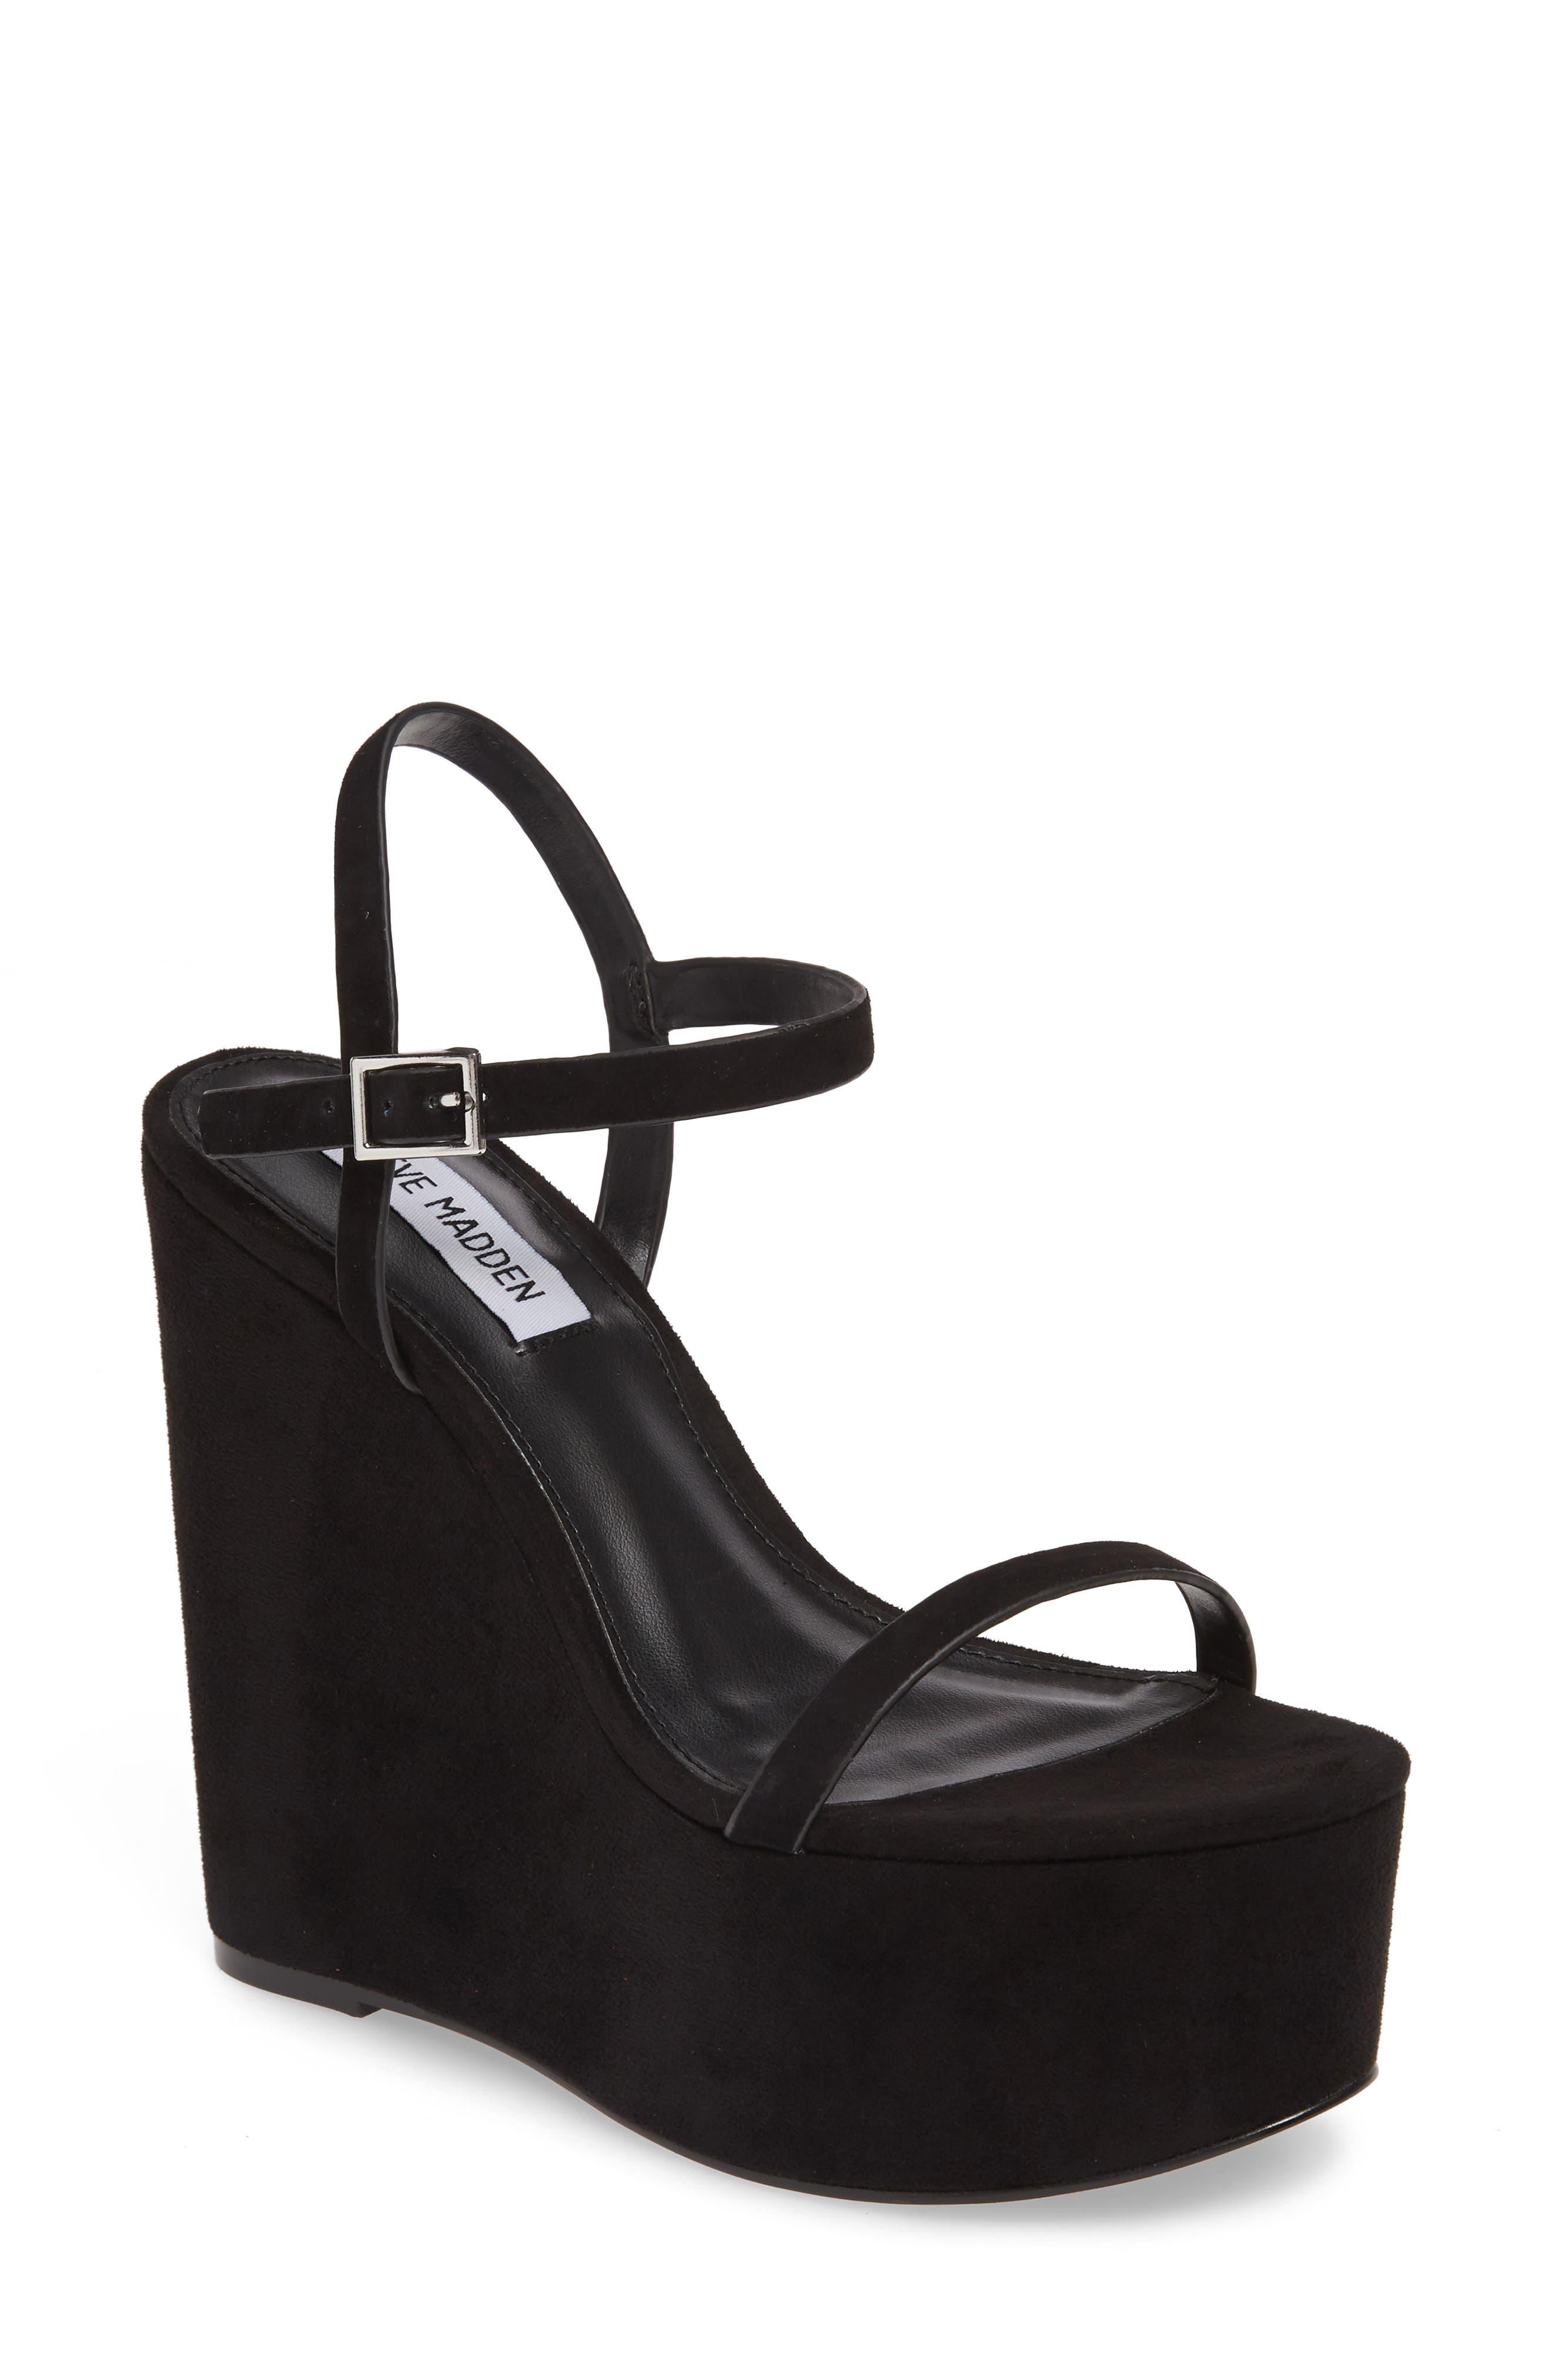 Steve Madden Baxlie Wedge Sandal- Black